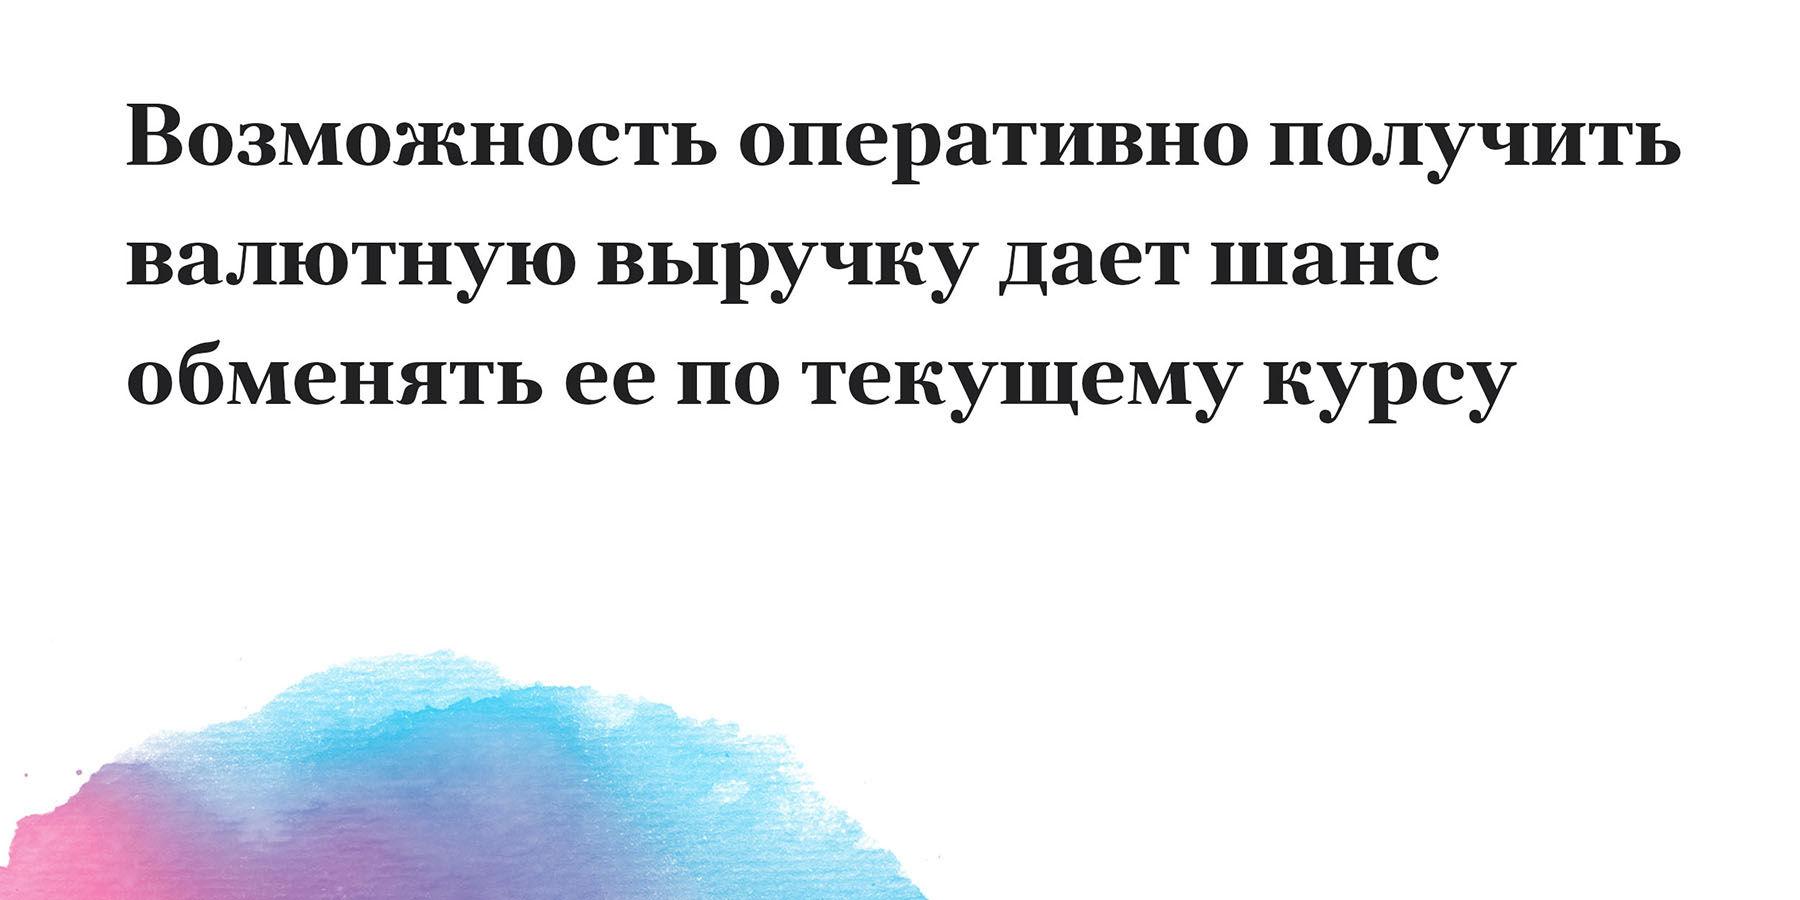 ©Изображение предоставлено банком «Точка»